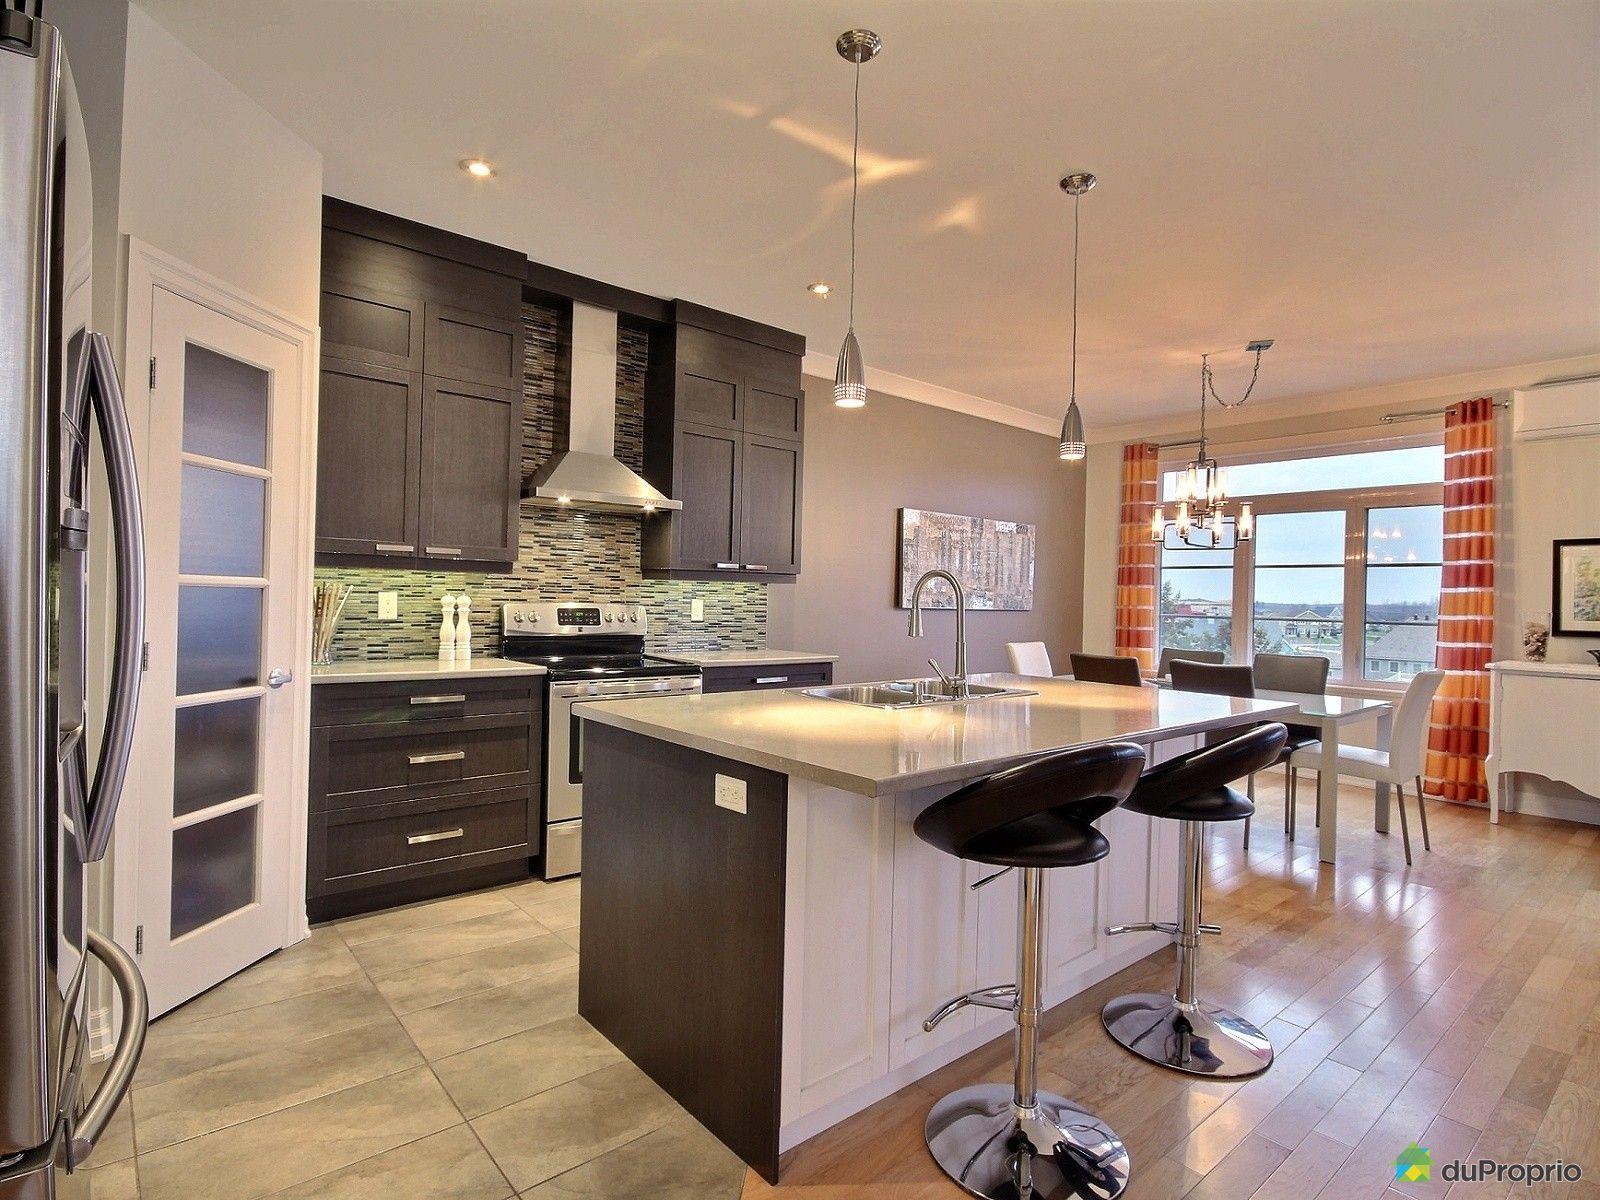 302 940 rue du violoneux bromont vendre duproprio for Cuisine 3d design bromont